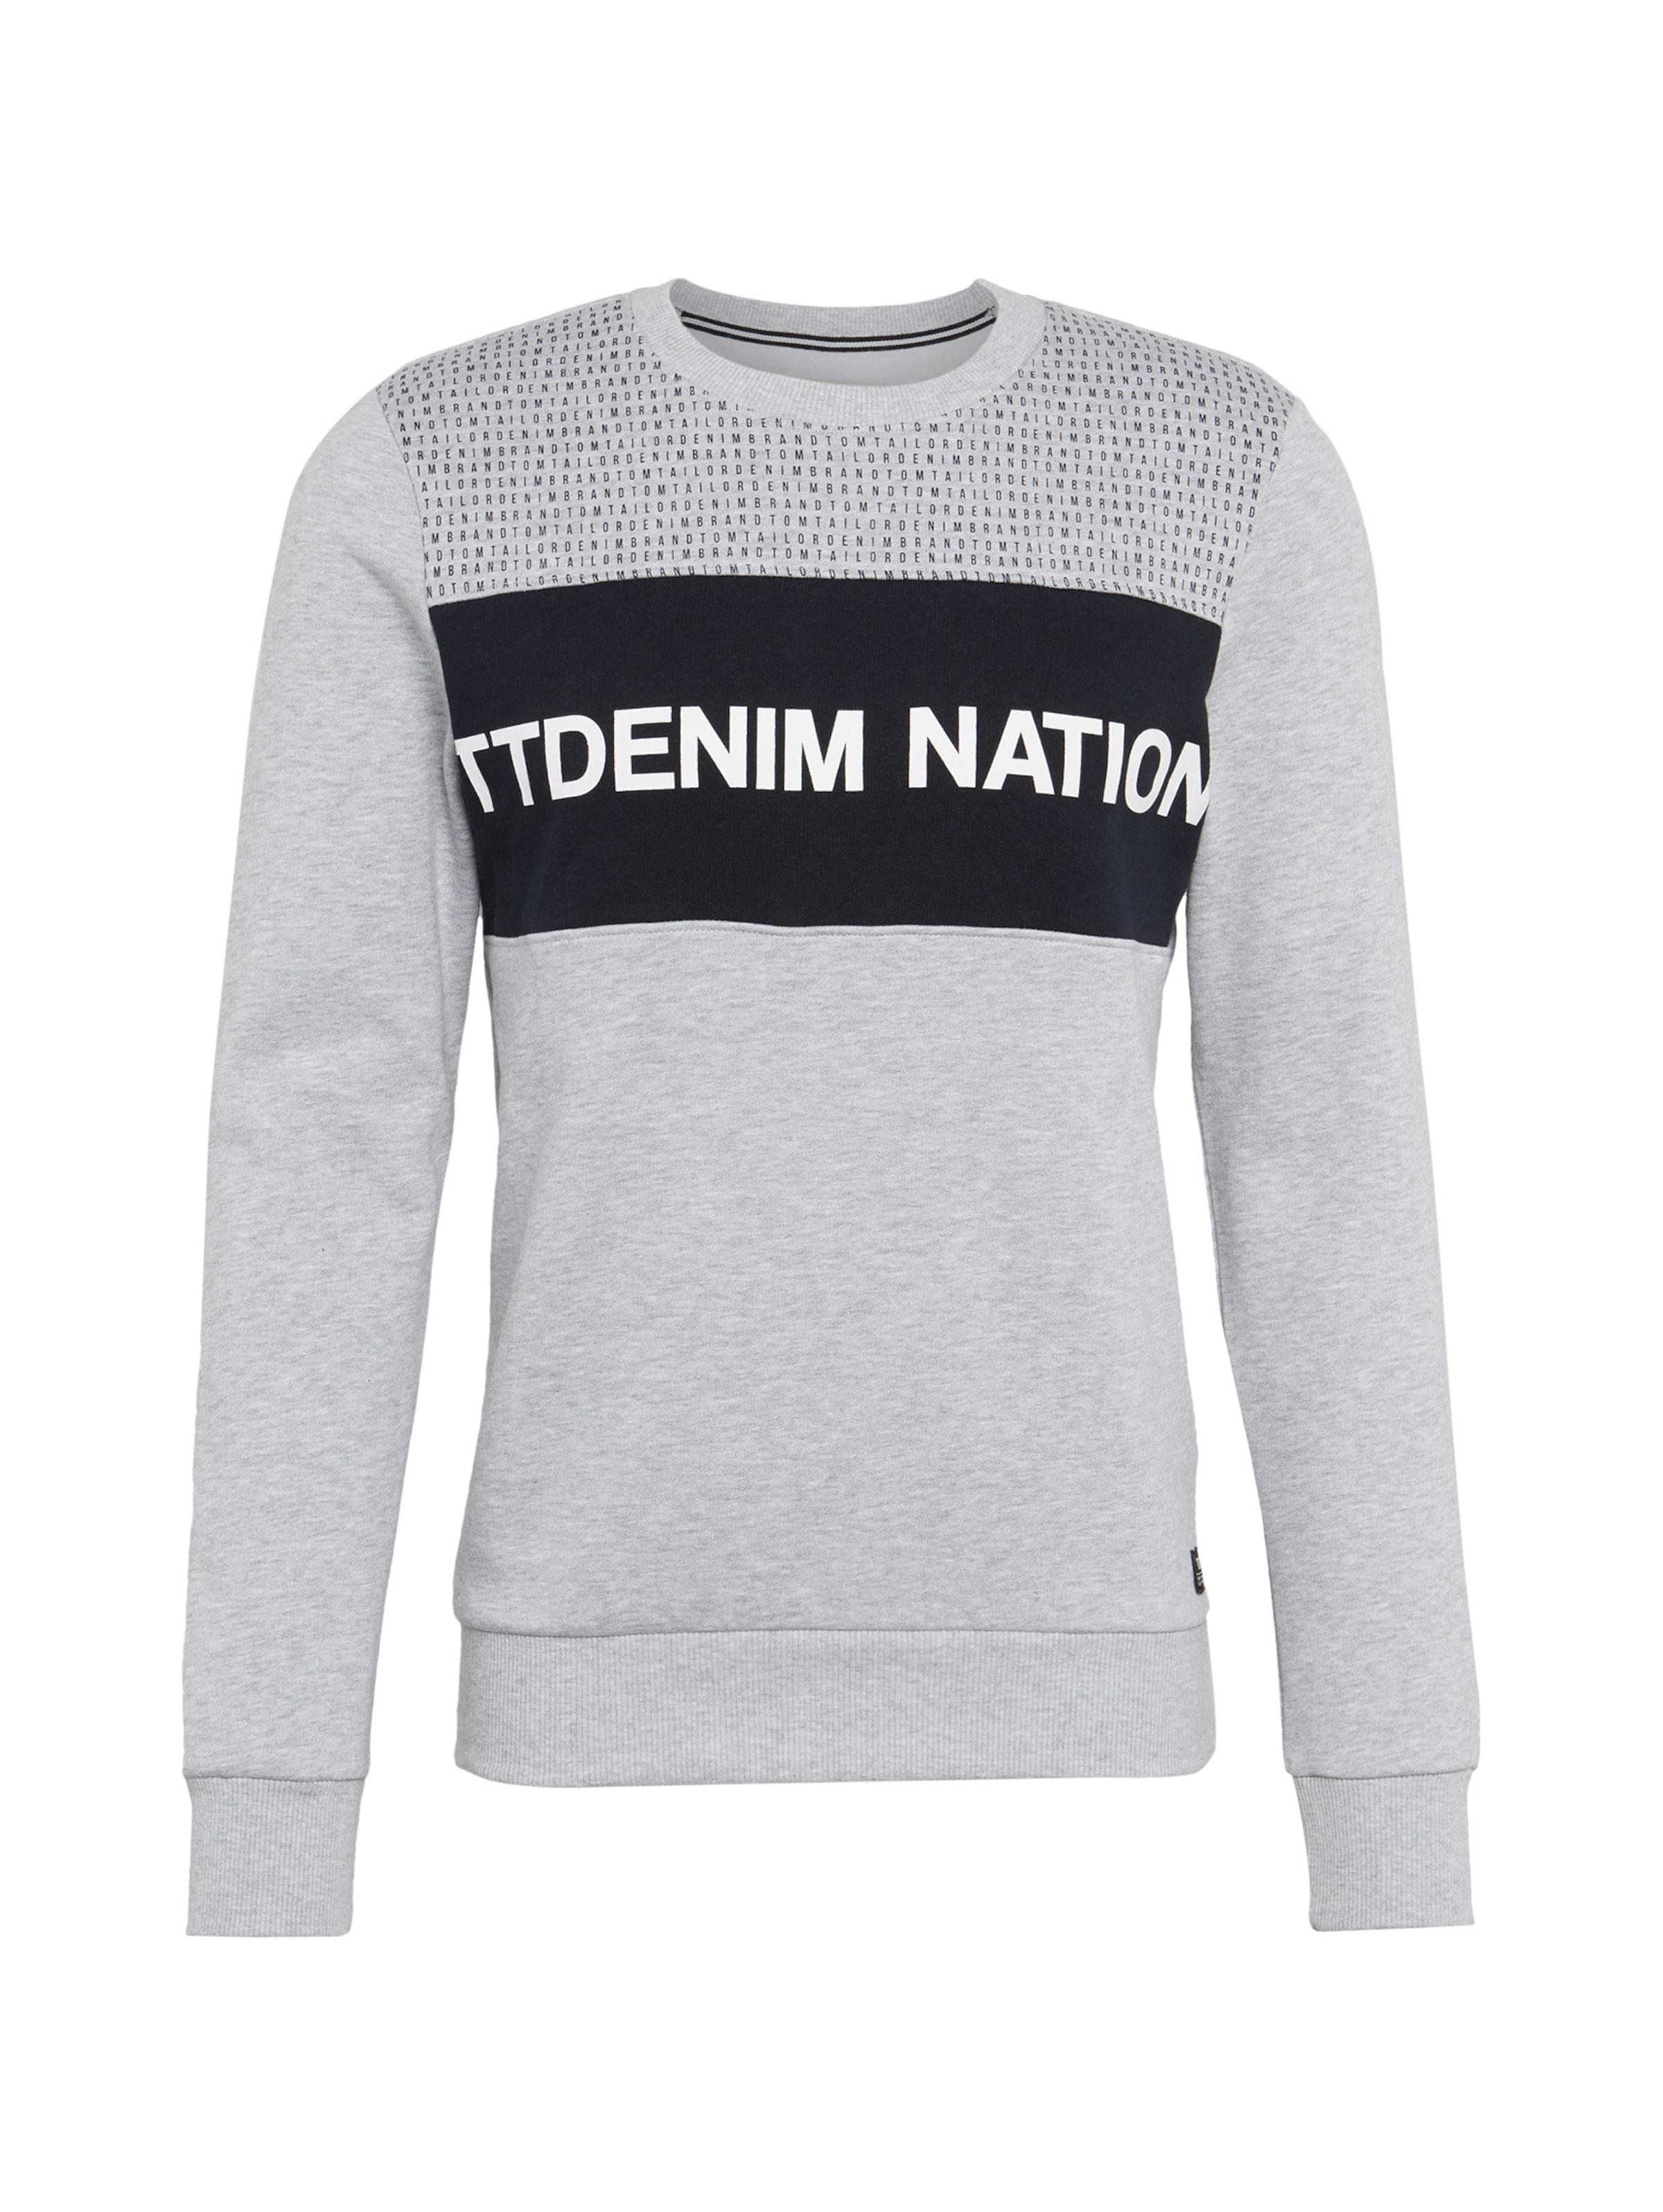 Tom Weiß Tailor NachtblauHellgrau Denim Sweatshirt In sxBhrdCtoQ